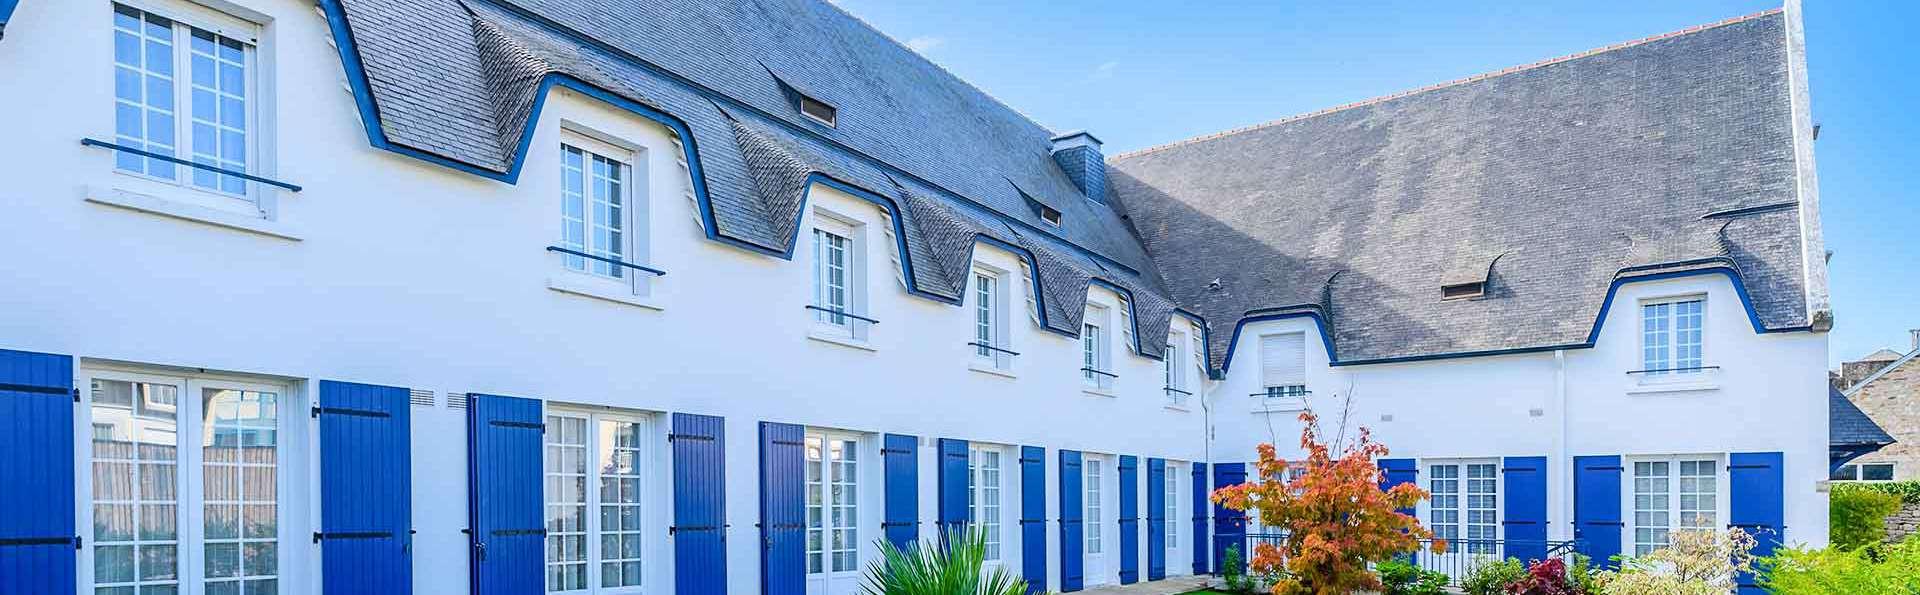 Quality Hotel Spa La Marébaudière - EDIT_EXTERIOR_01.jpg